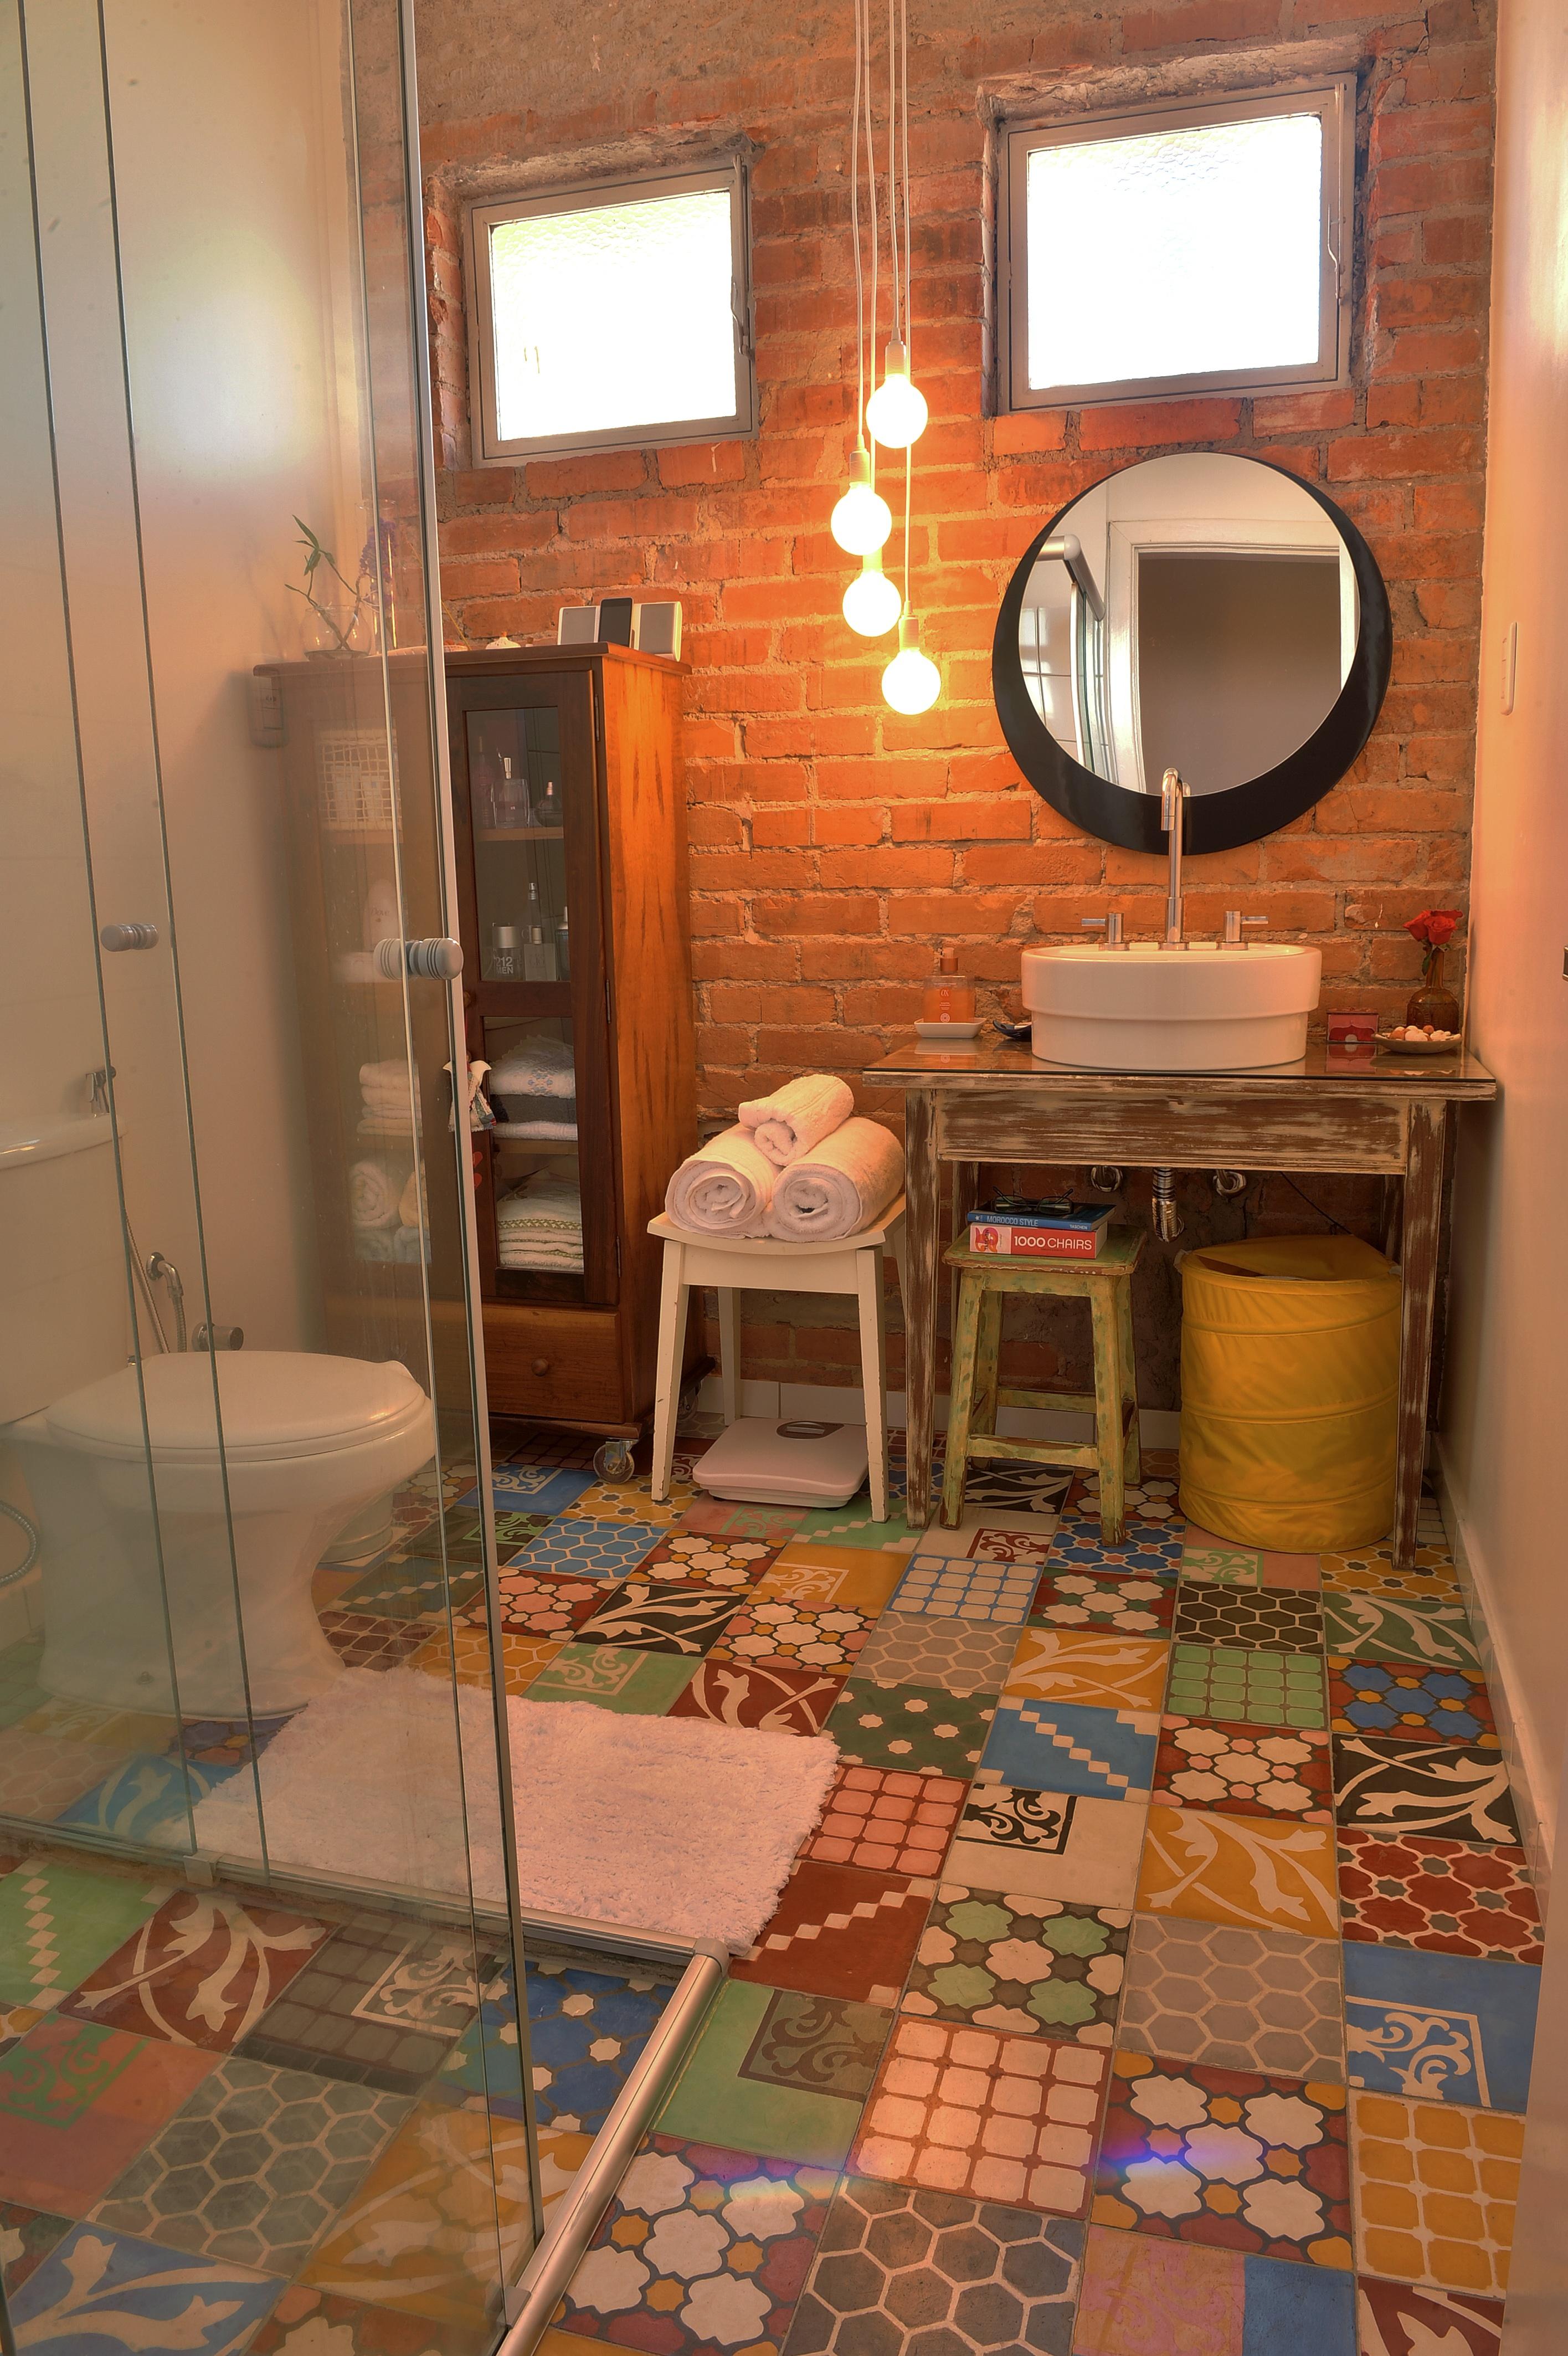 Cuarto De Baño Diseños De Baldosas De Baño y Diseño Del Azulejo #AD4C1E 2831x4253 Banheiro Azulejo Hidraulico